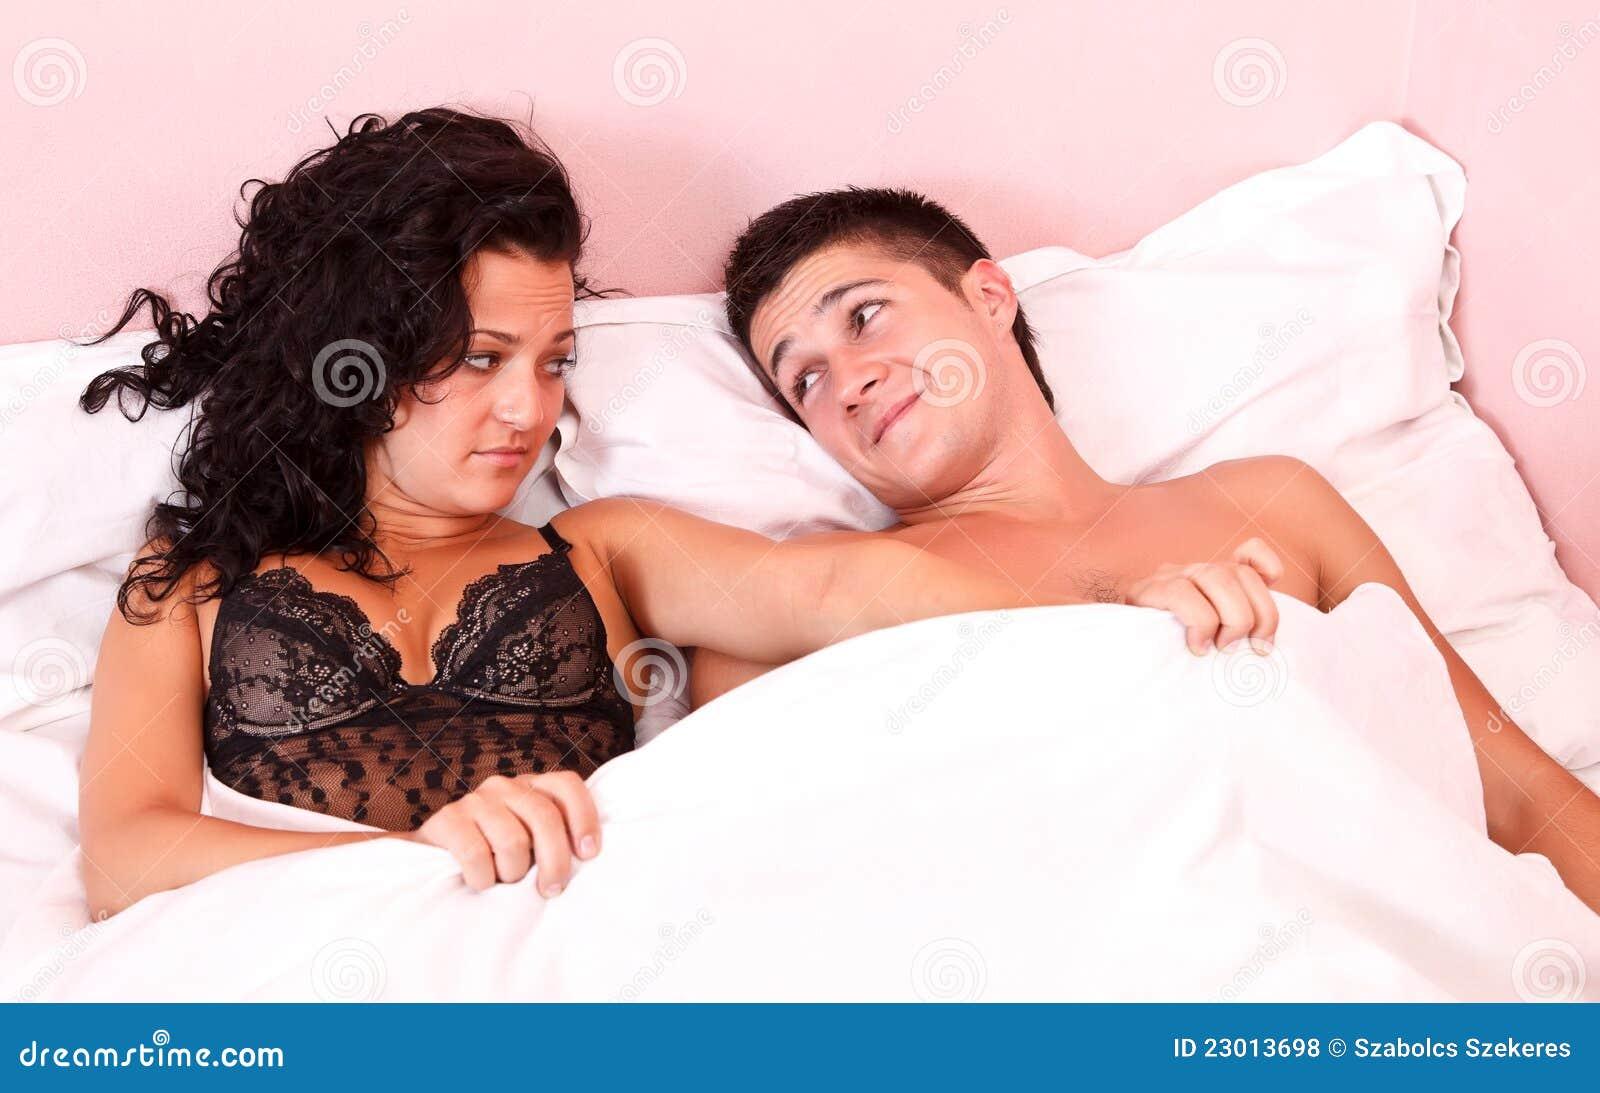 Трахнул пока муж смотрел футбол с другом, Жена тихо изменяет мужу с его лучшим другом во время 23 фотография